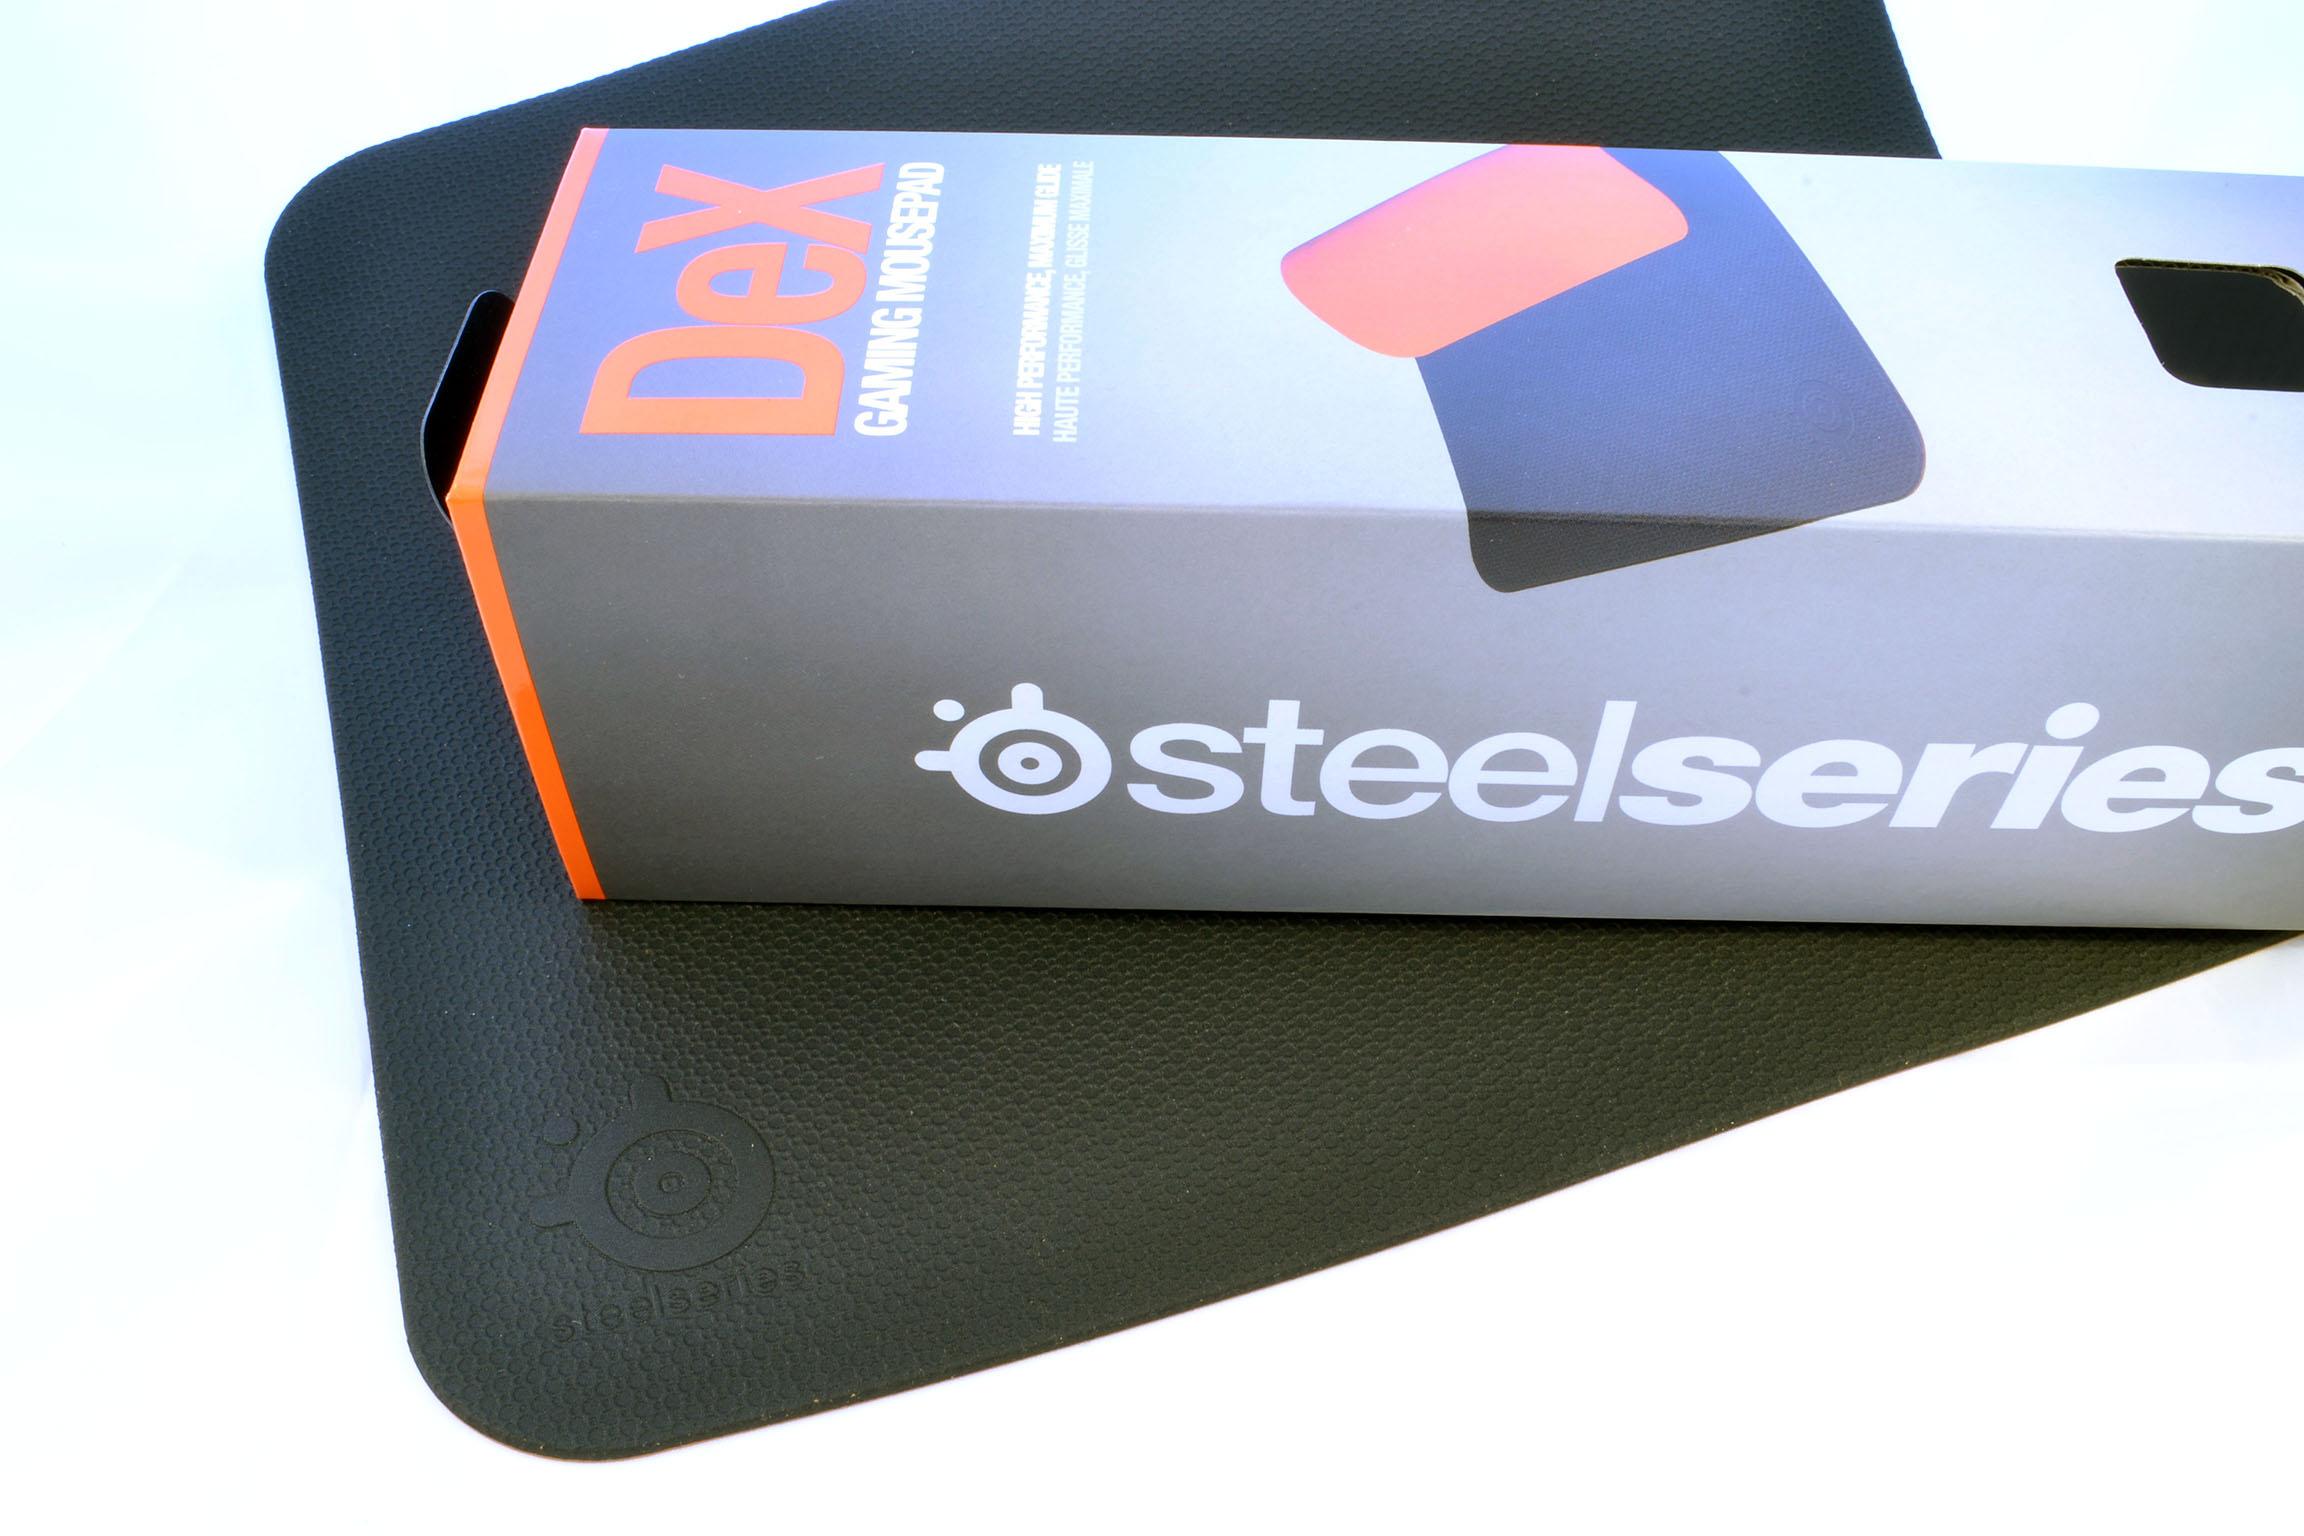 steelseries_dex